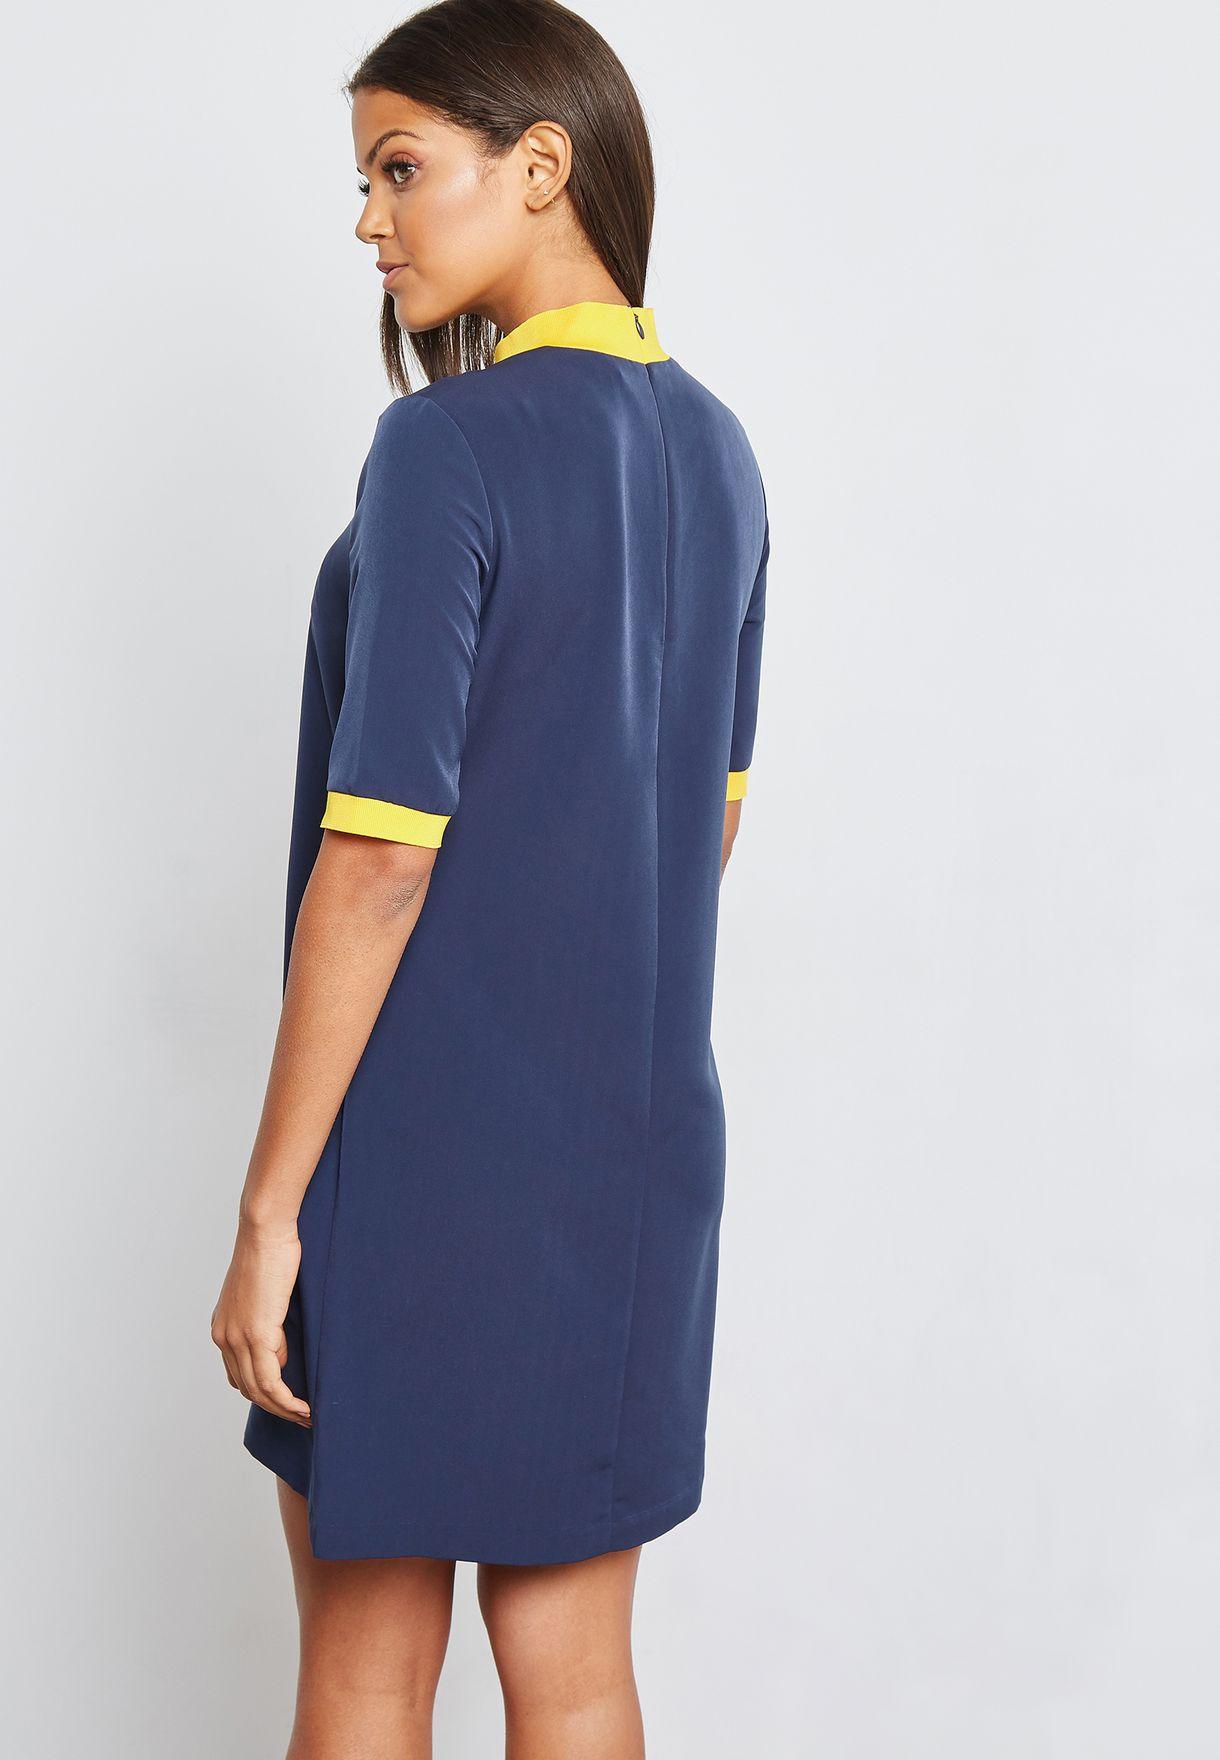 فستان قصير بياقة مرتفعة مغايرة